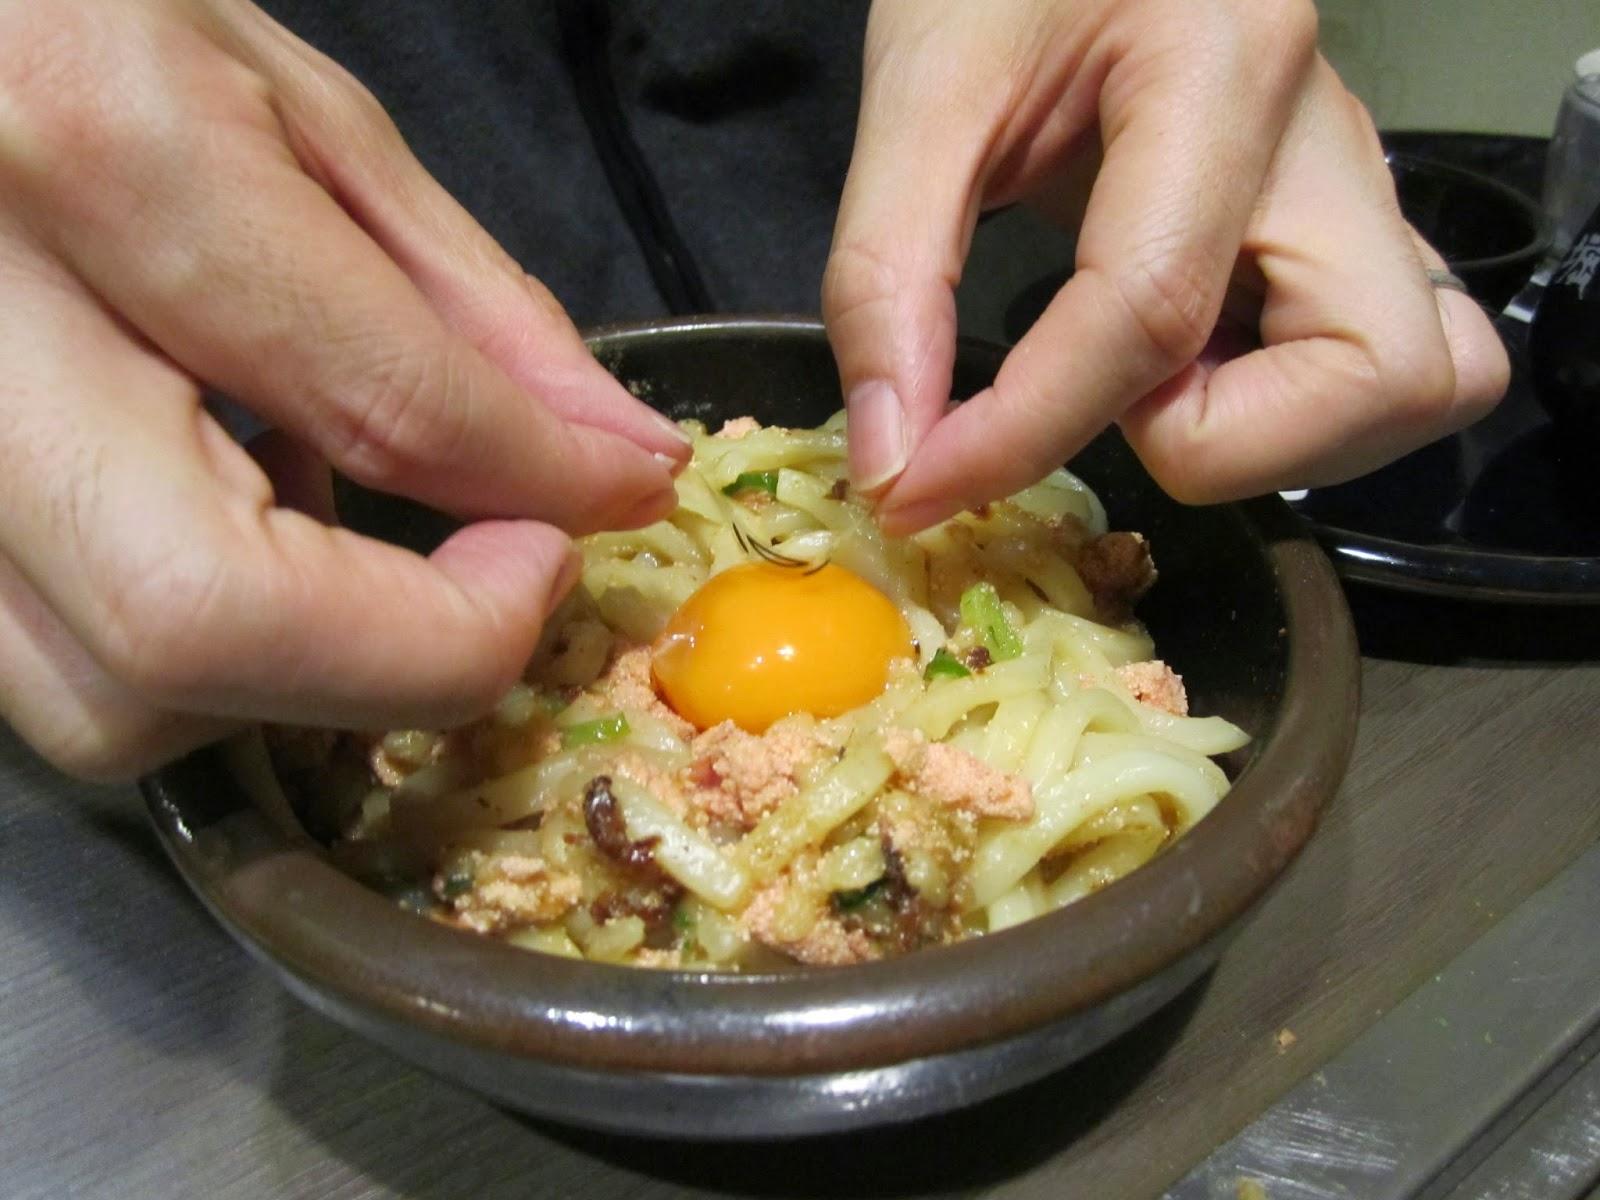 Gudetama x Dohtonbori Collaboration Campaign Udon 十和田市 ぐでたまx道頓堀コラブキャンペイン焼きうどん